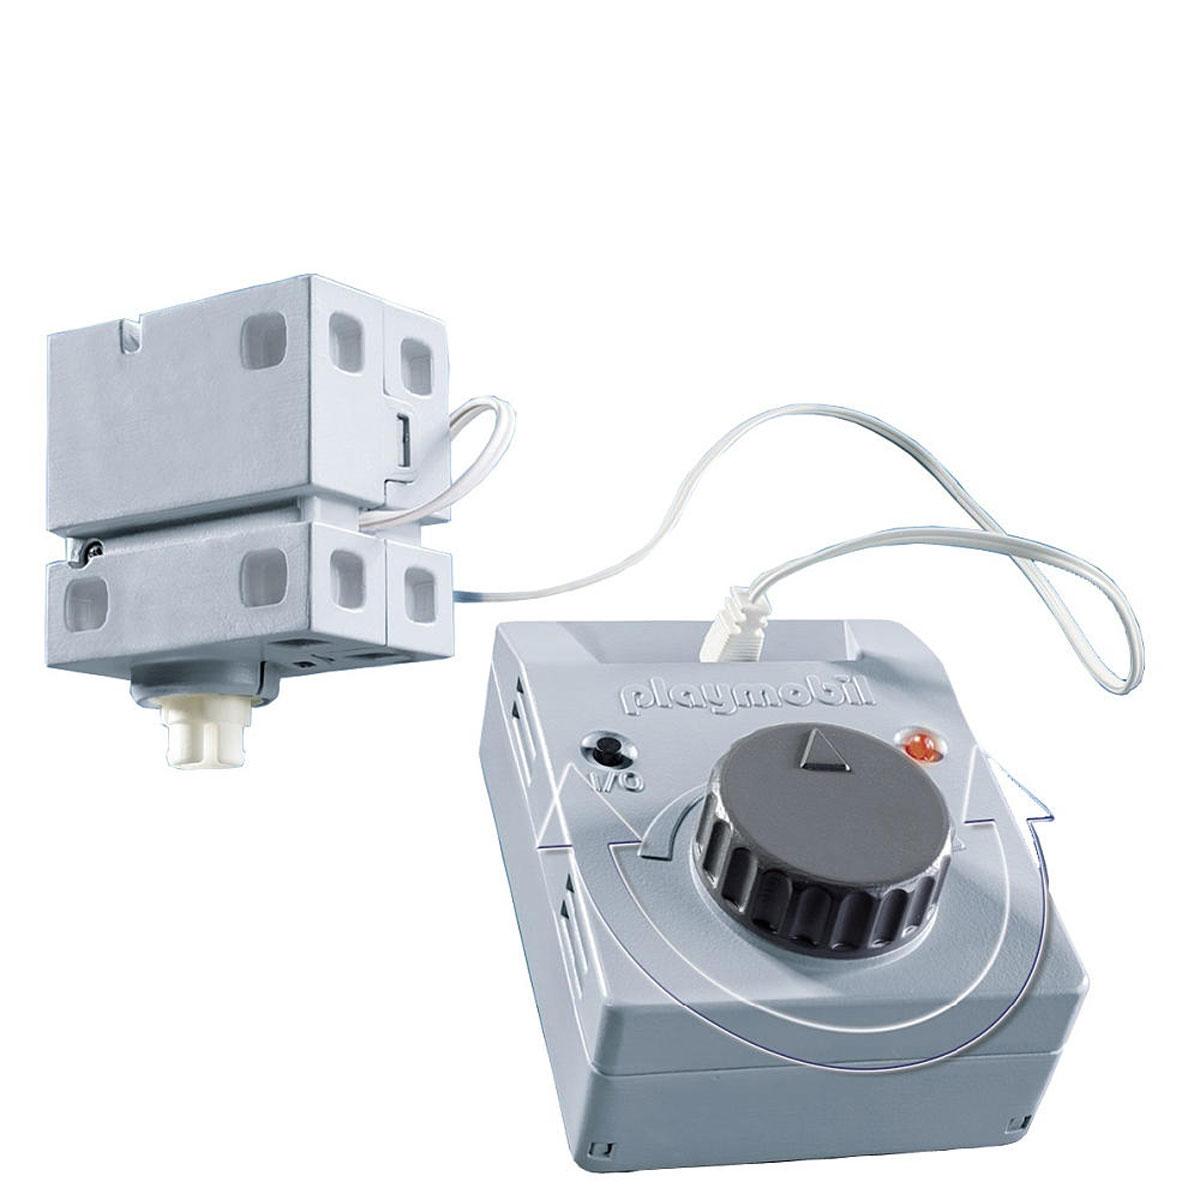 Playmobil Электрический мотор для аттракционов5556Электрический мотор оживит аттракционы в Парке Развлечений. Совместим с Каруселью (5548), Колесом обозрения (5552) и аттракционом Звездолет (5554). Рекомендуемый возраст: от 4 до 10 лет. Для работы мотора необходимо докупить 4 батарейки напряжением 1,5V типа ААА (не входят в комплект).